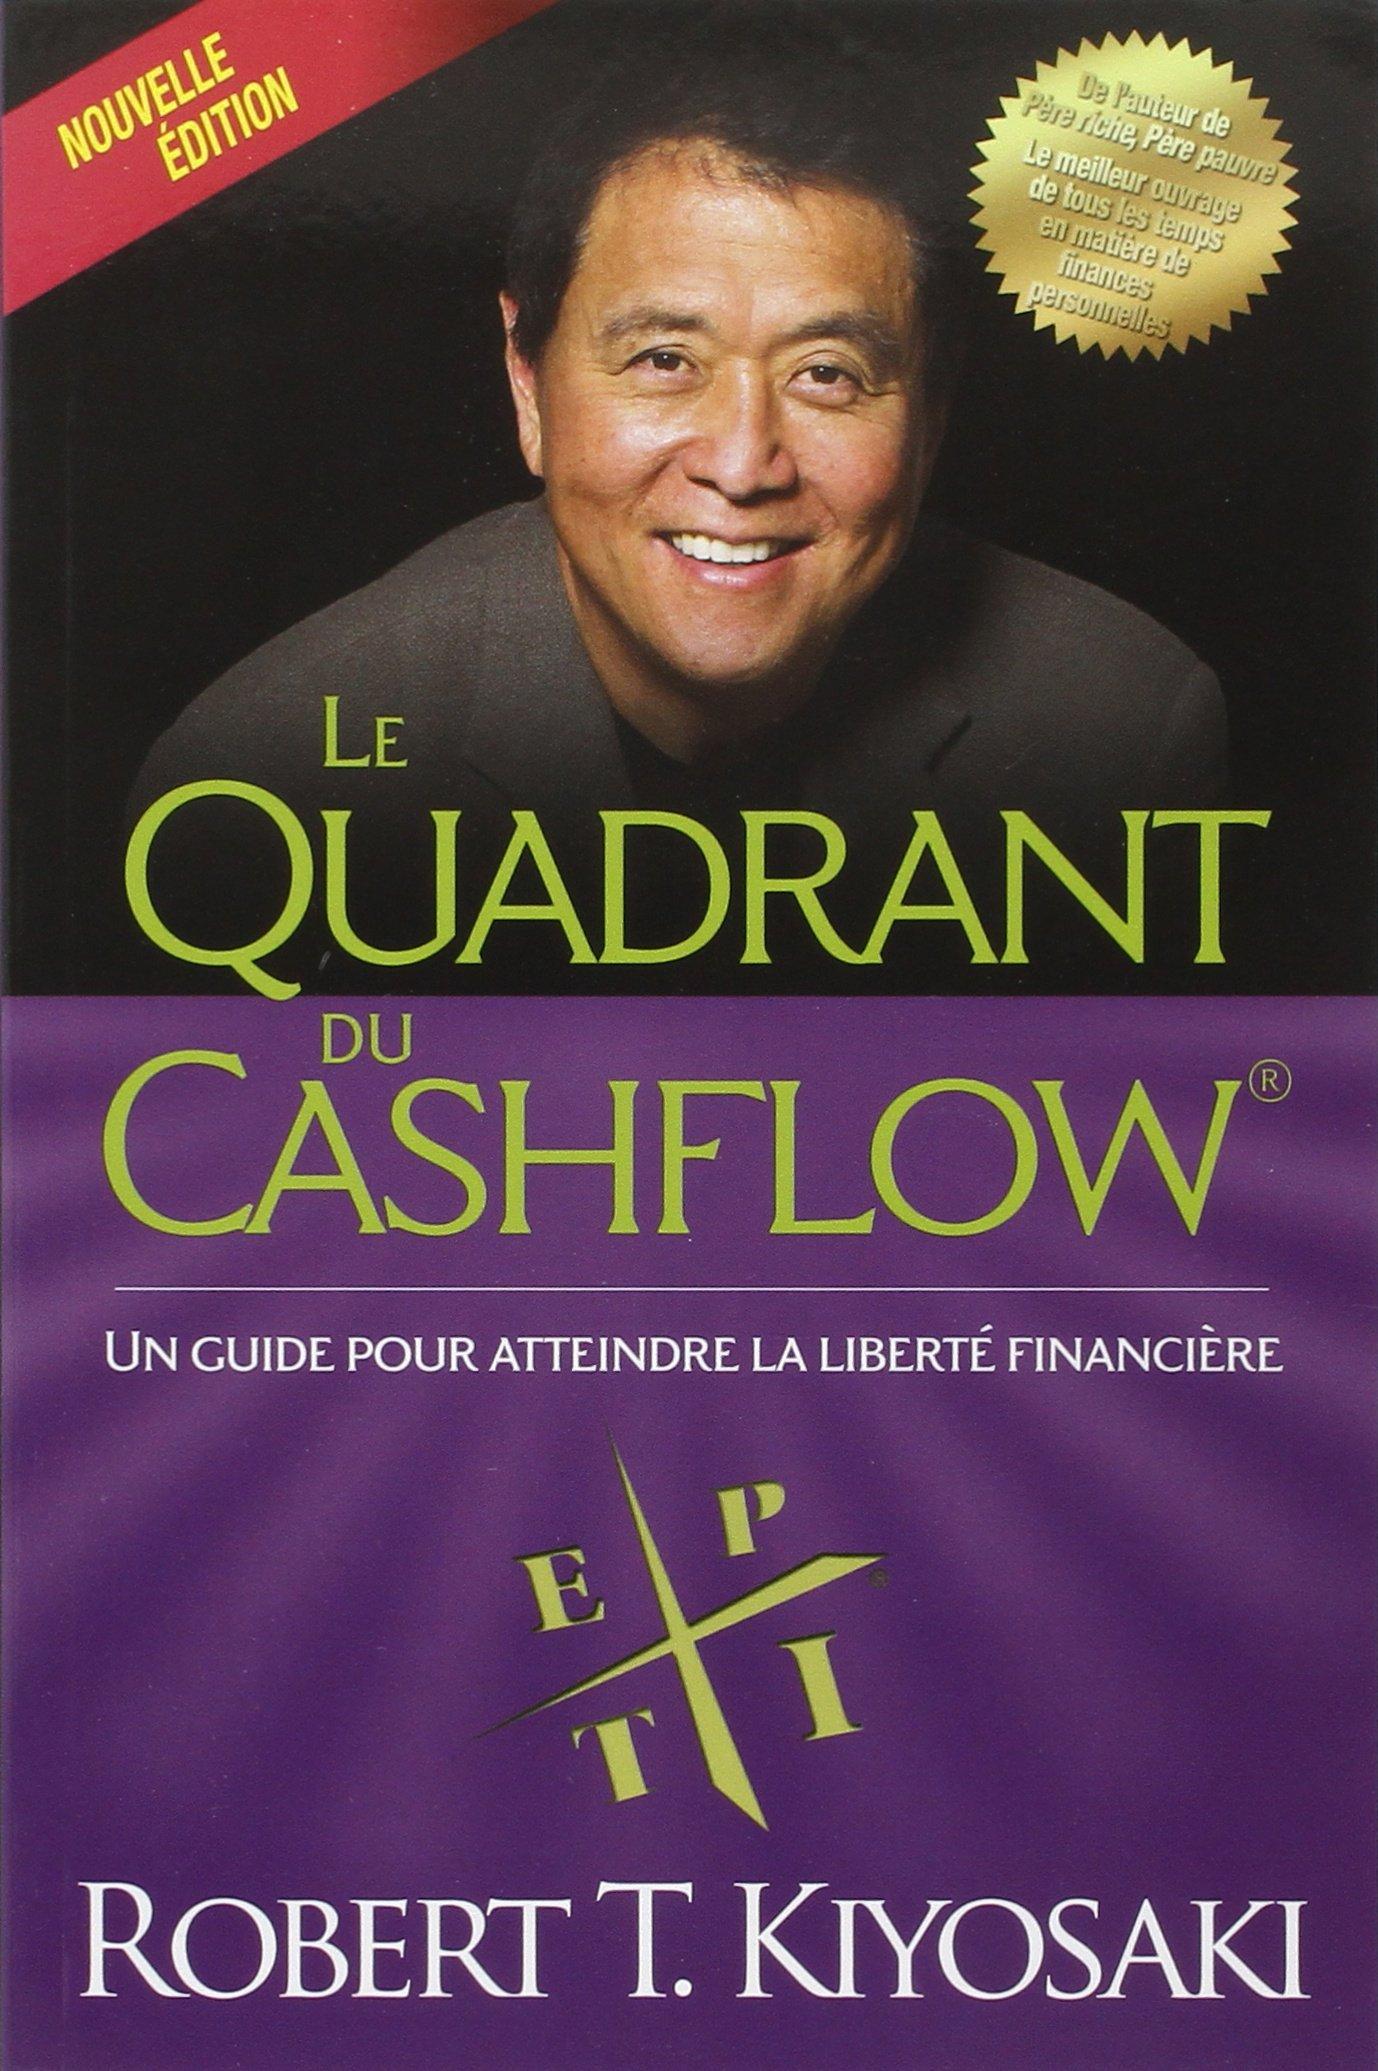 Le quadrant du cashflow